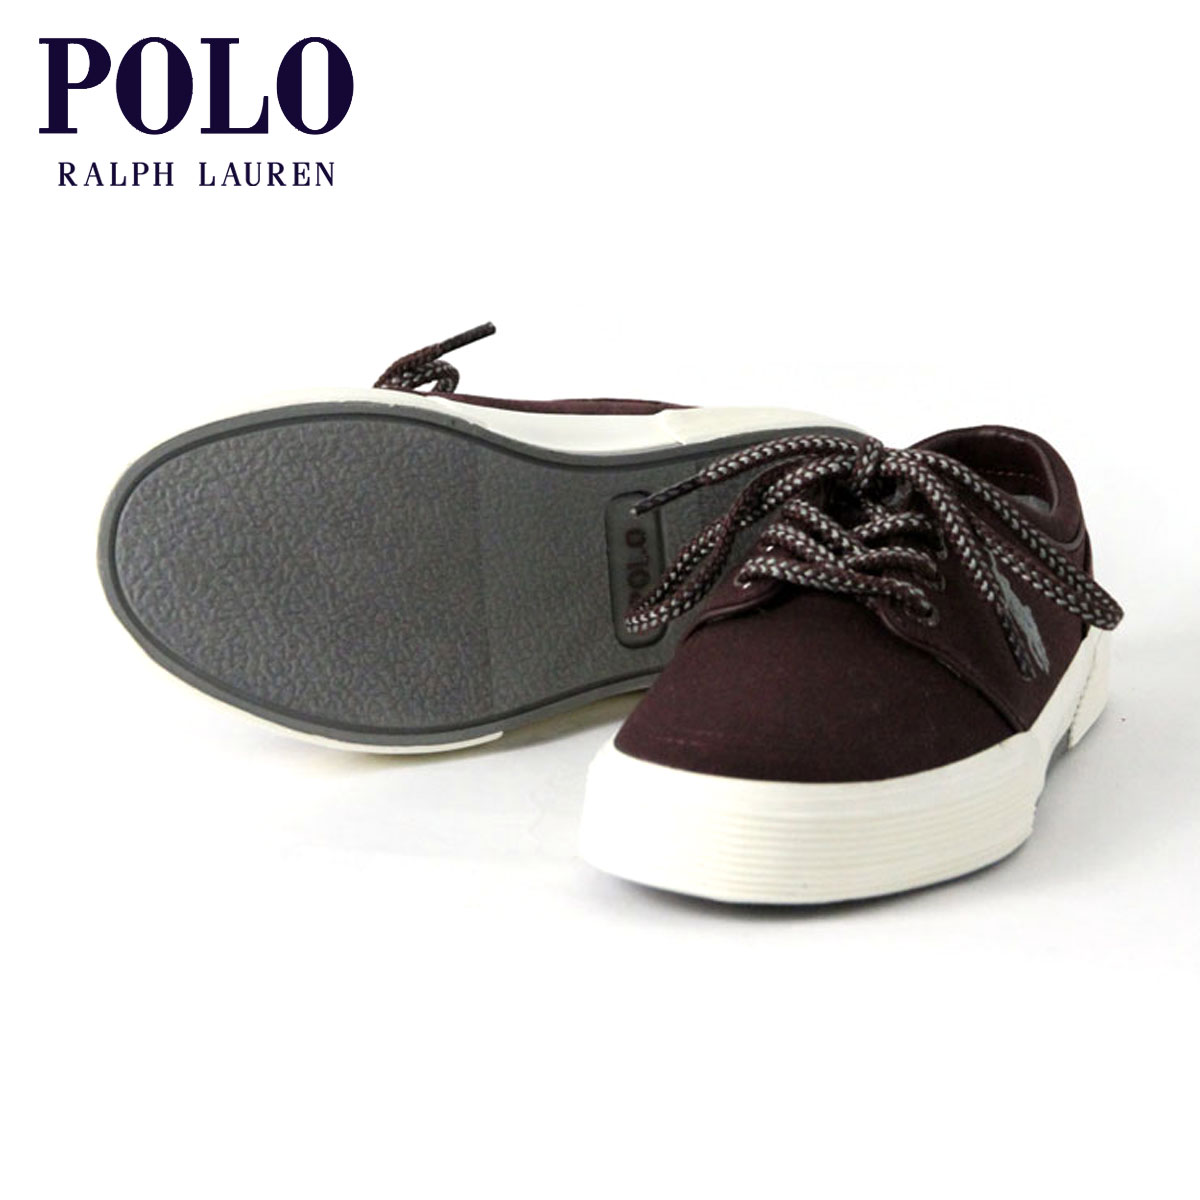 【販売期間 11/12 10:00〜11/21 09:59】 ポロ ラルフローレン POLO RALPH LAUREN 正規品 メンズ 靴 シューズ FAXON CANVAS LOW SNEAKER D15S25